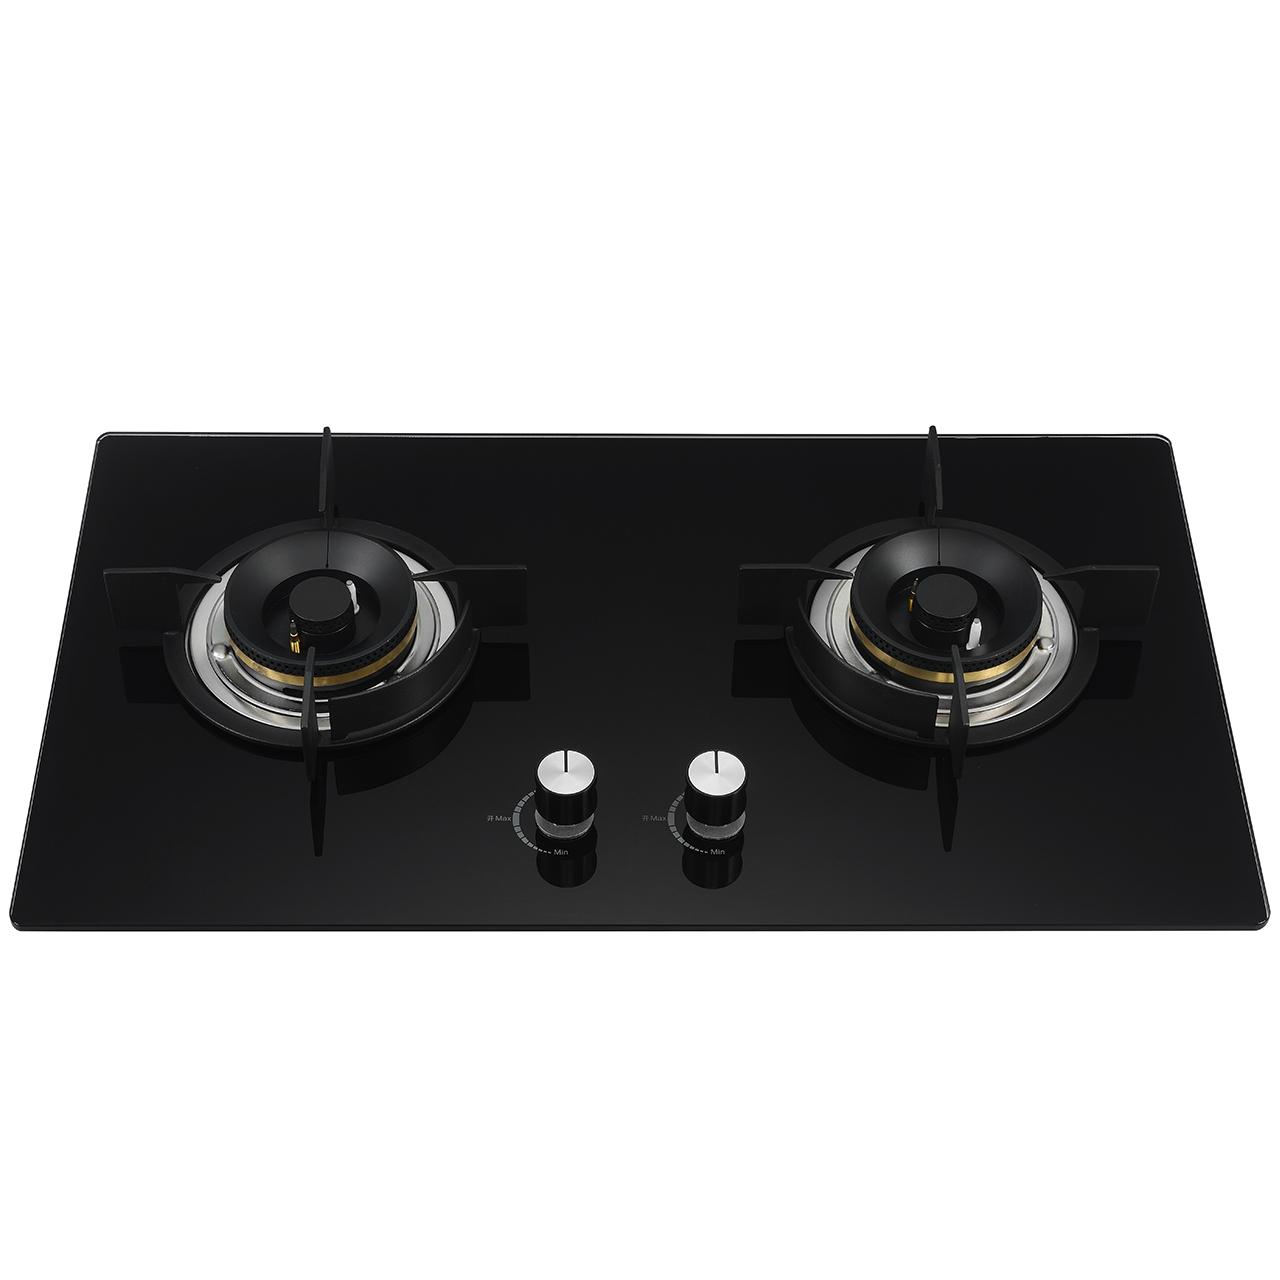 K2-Q2G025R厨房炉具工厂代理批发